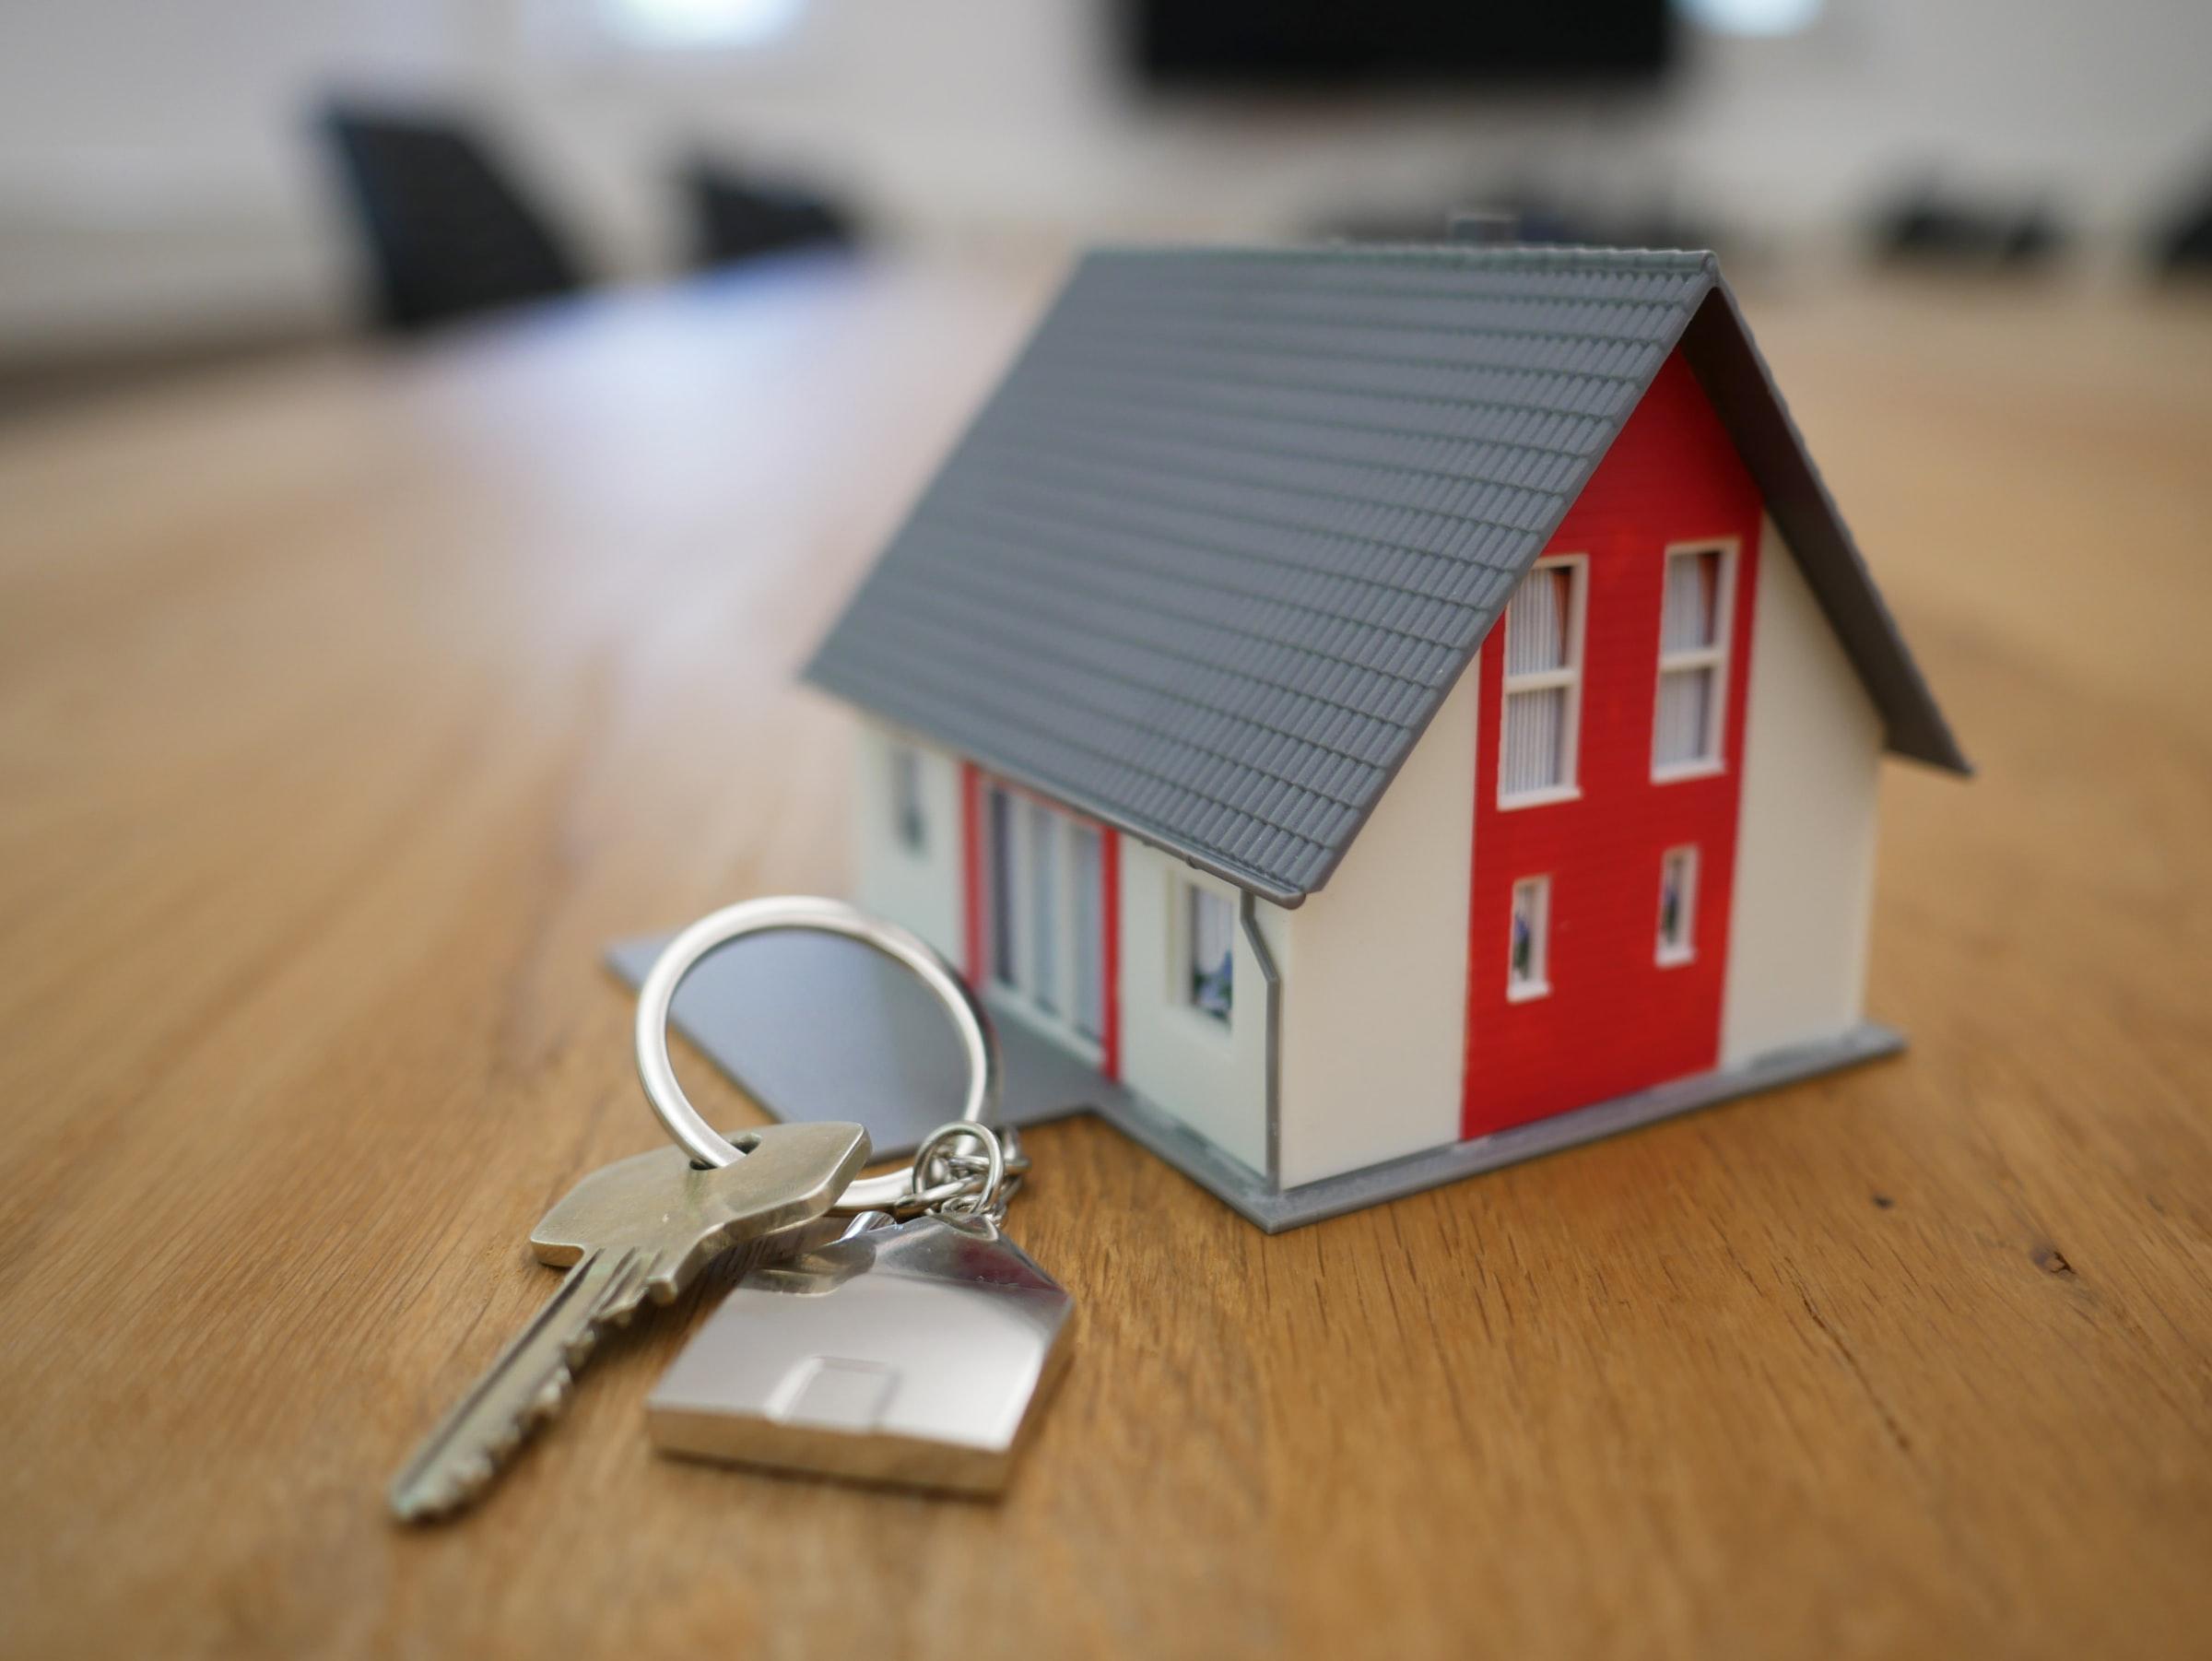 Вы продали недвижимость и не подали налоговую декларацию?